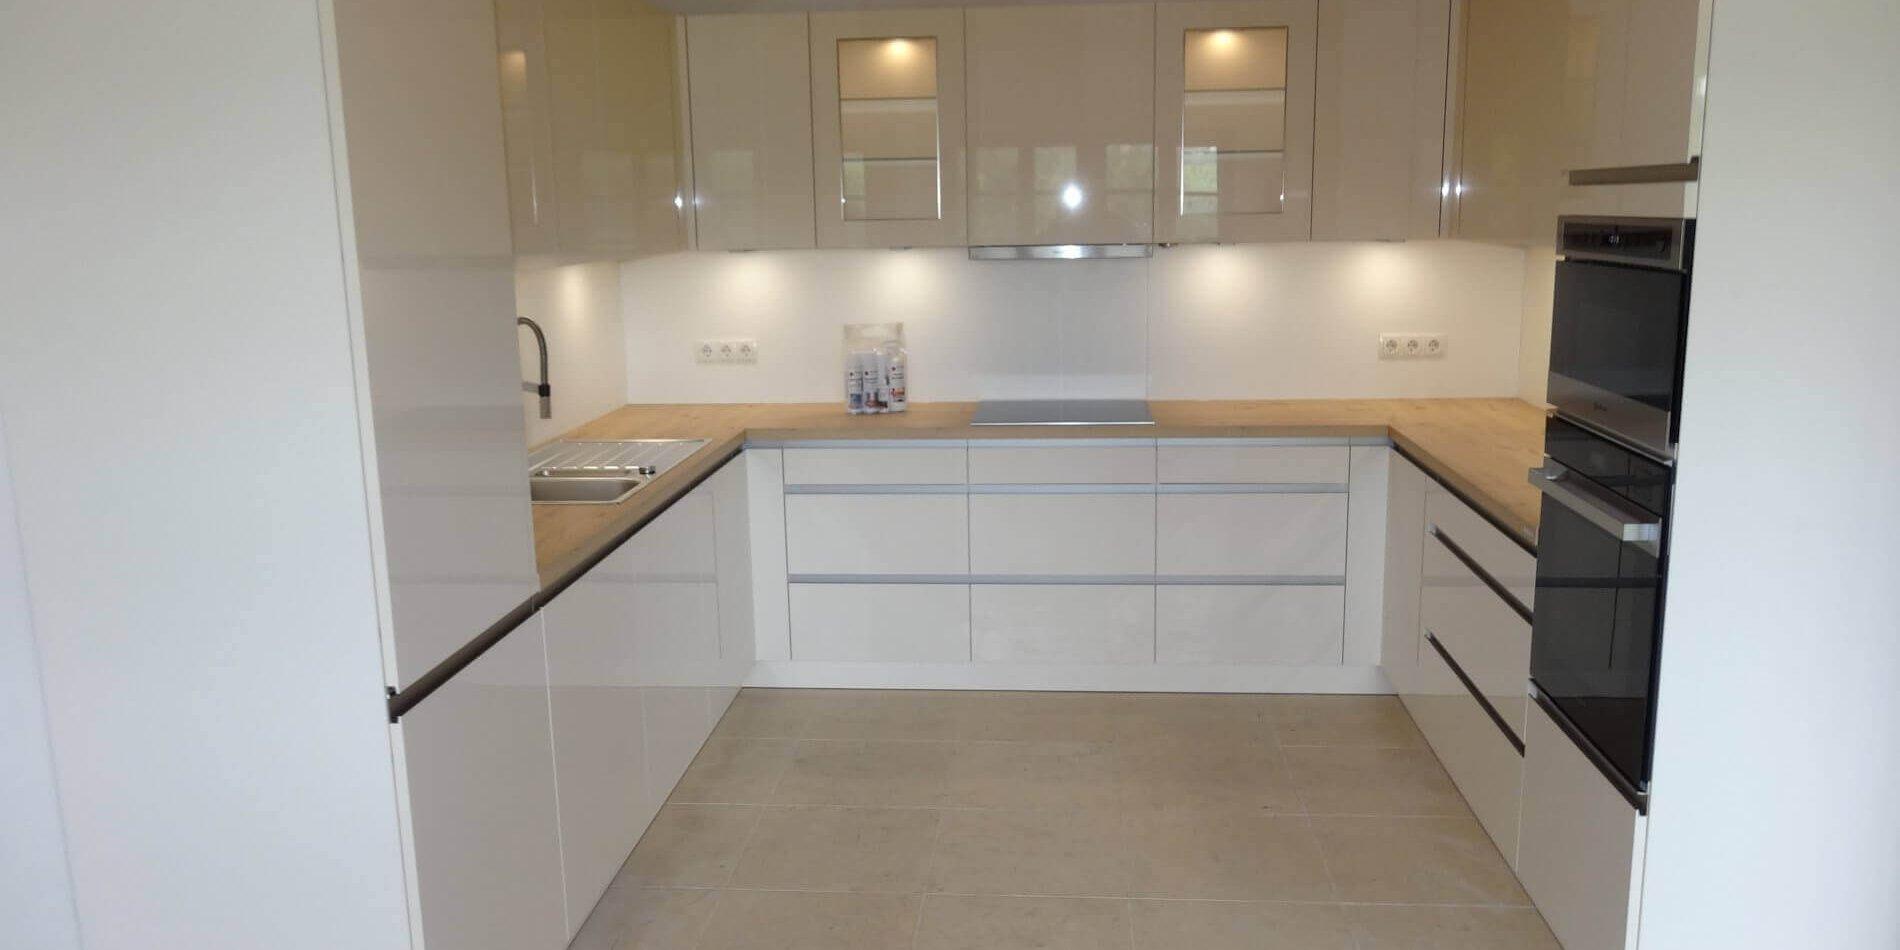 Nolte Küchen - Modell Lux Magnolia Hochglanz | Möbel Spanrad